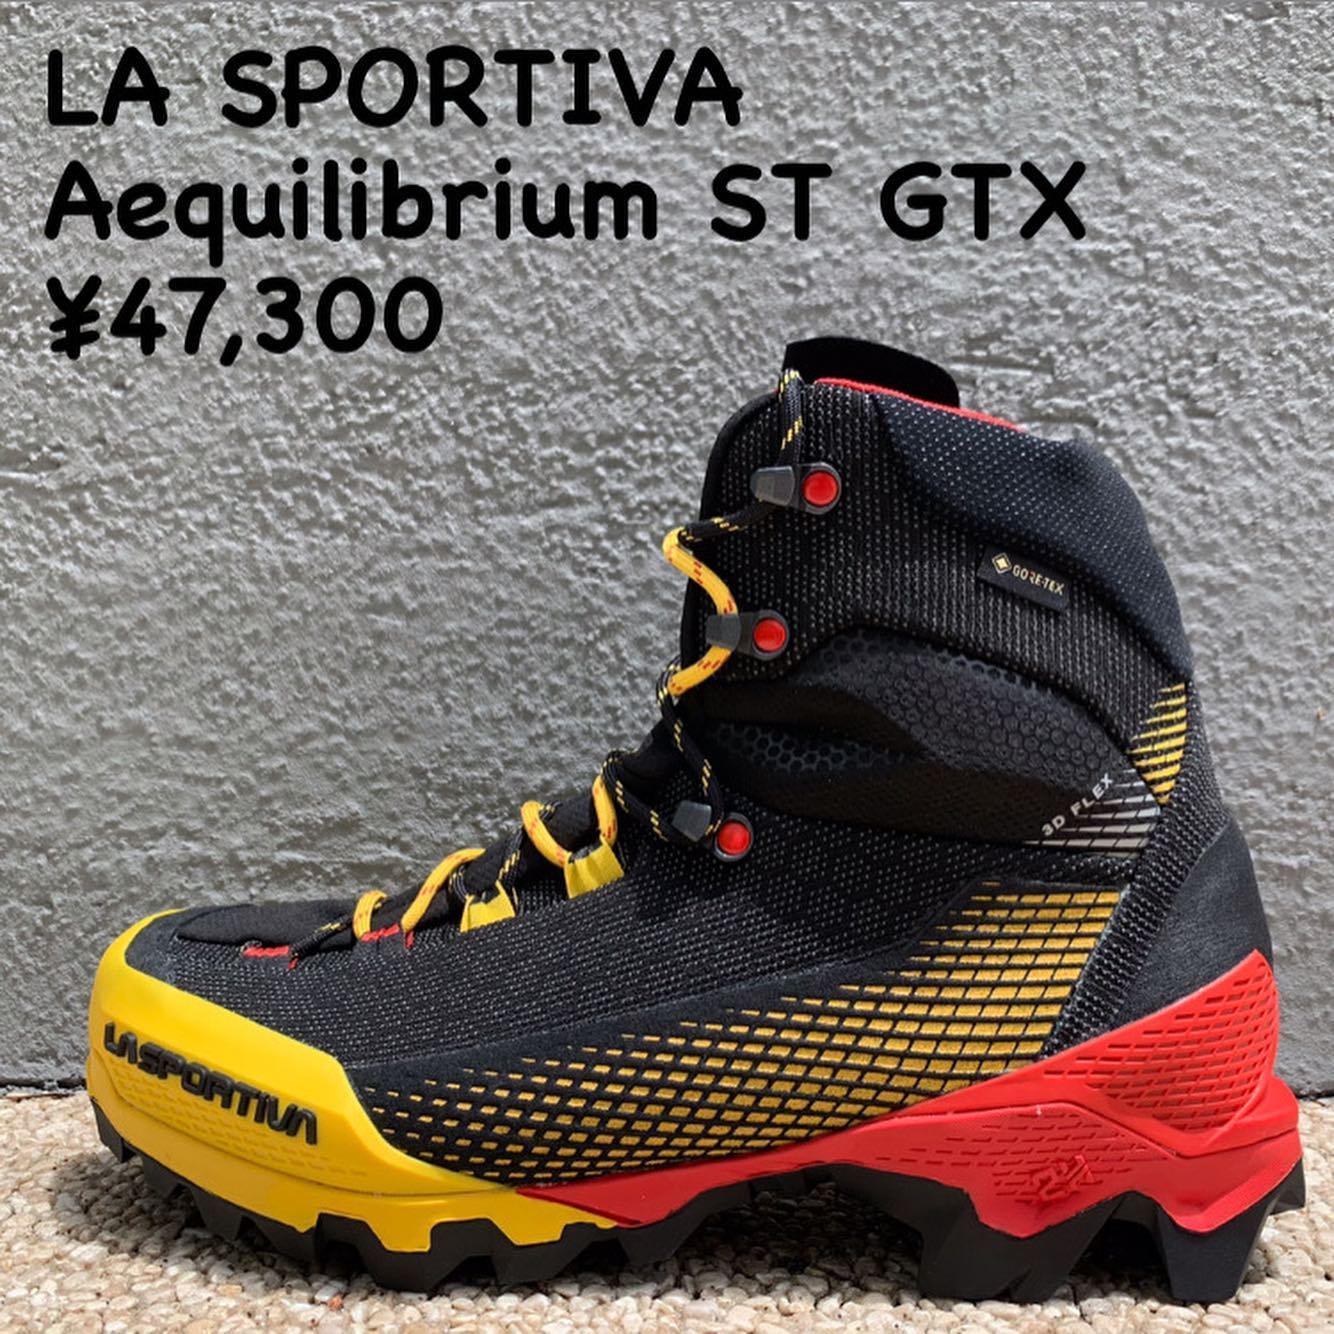 ラ・スポルティバの先鋭的な技術を搭載した一足『エクイリビウム ST GTX』のご紹介